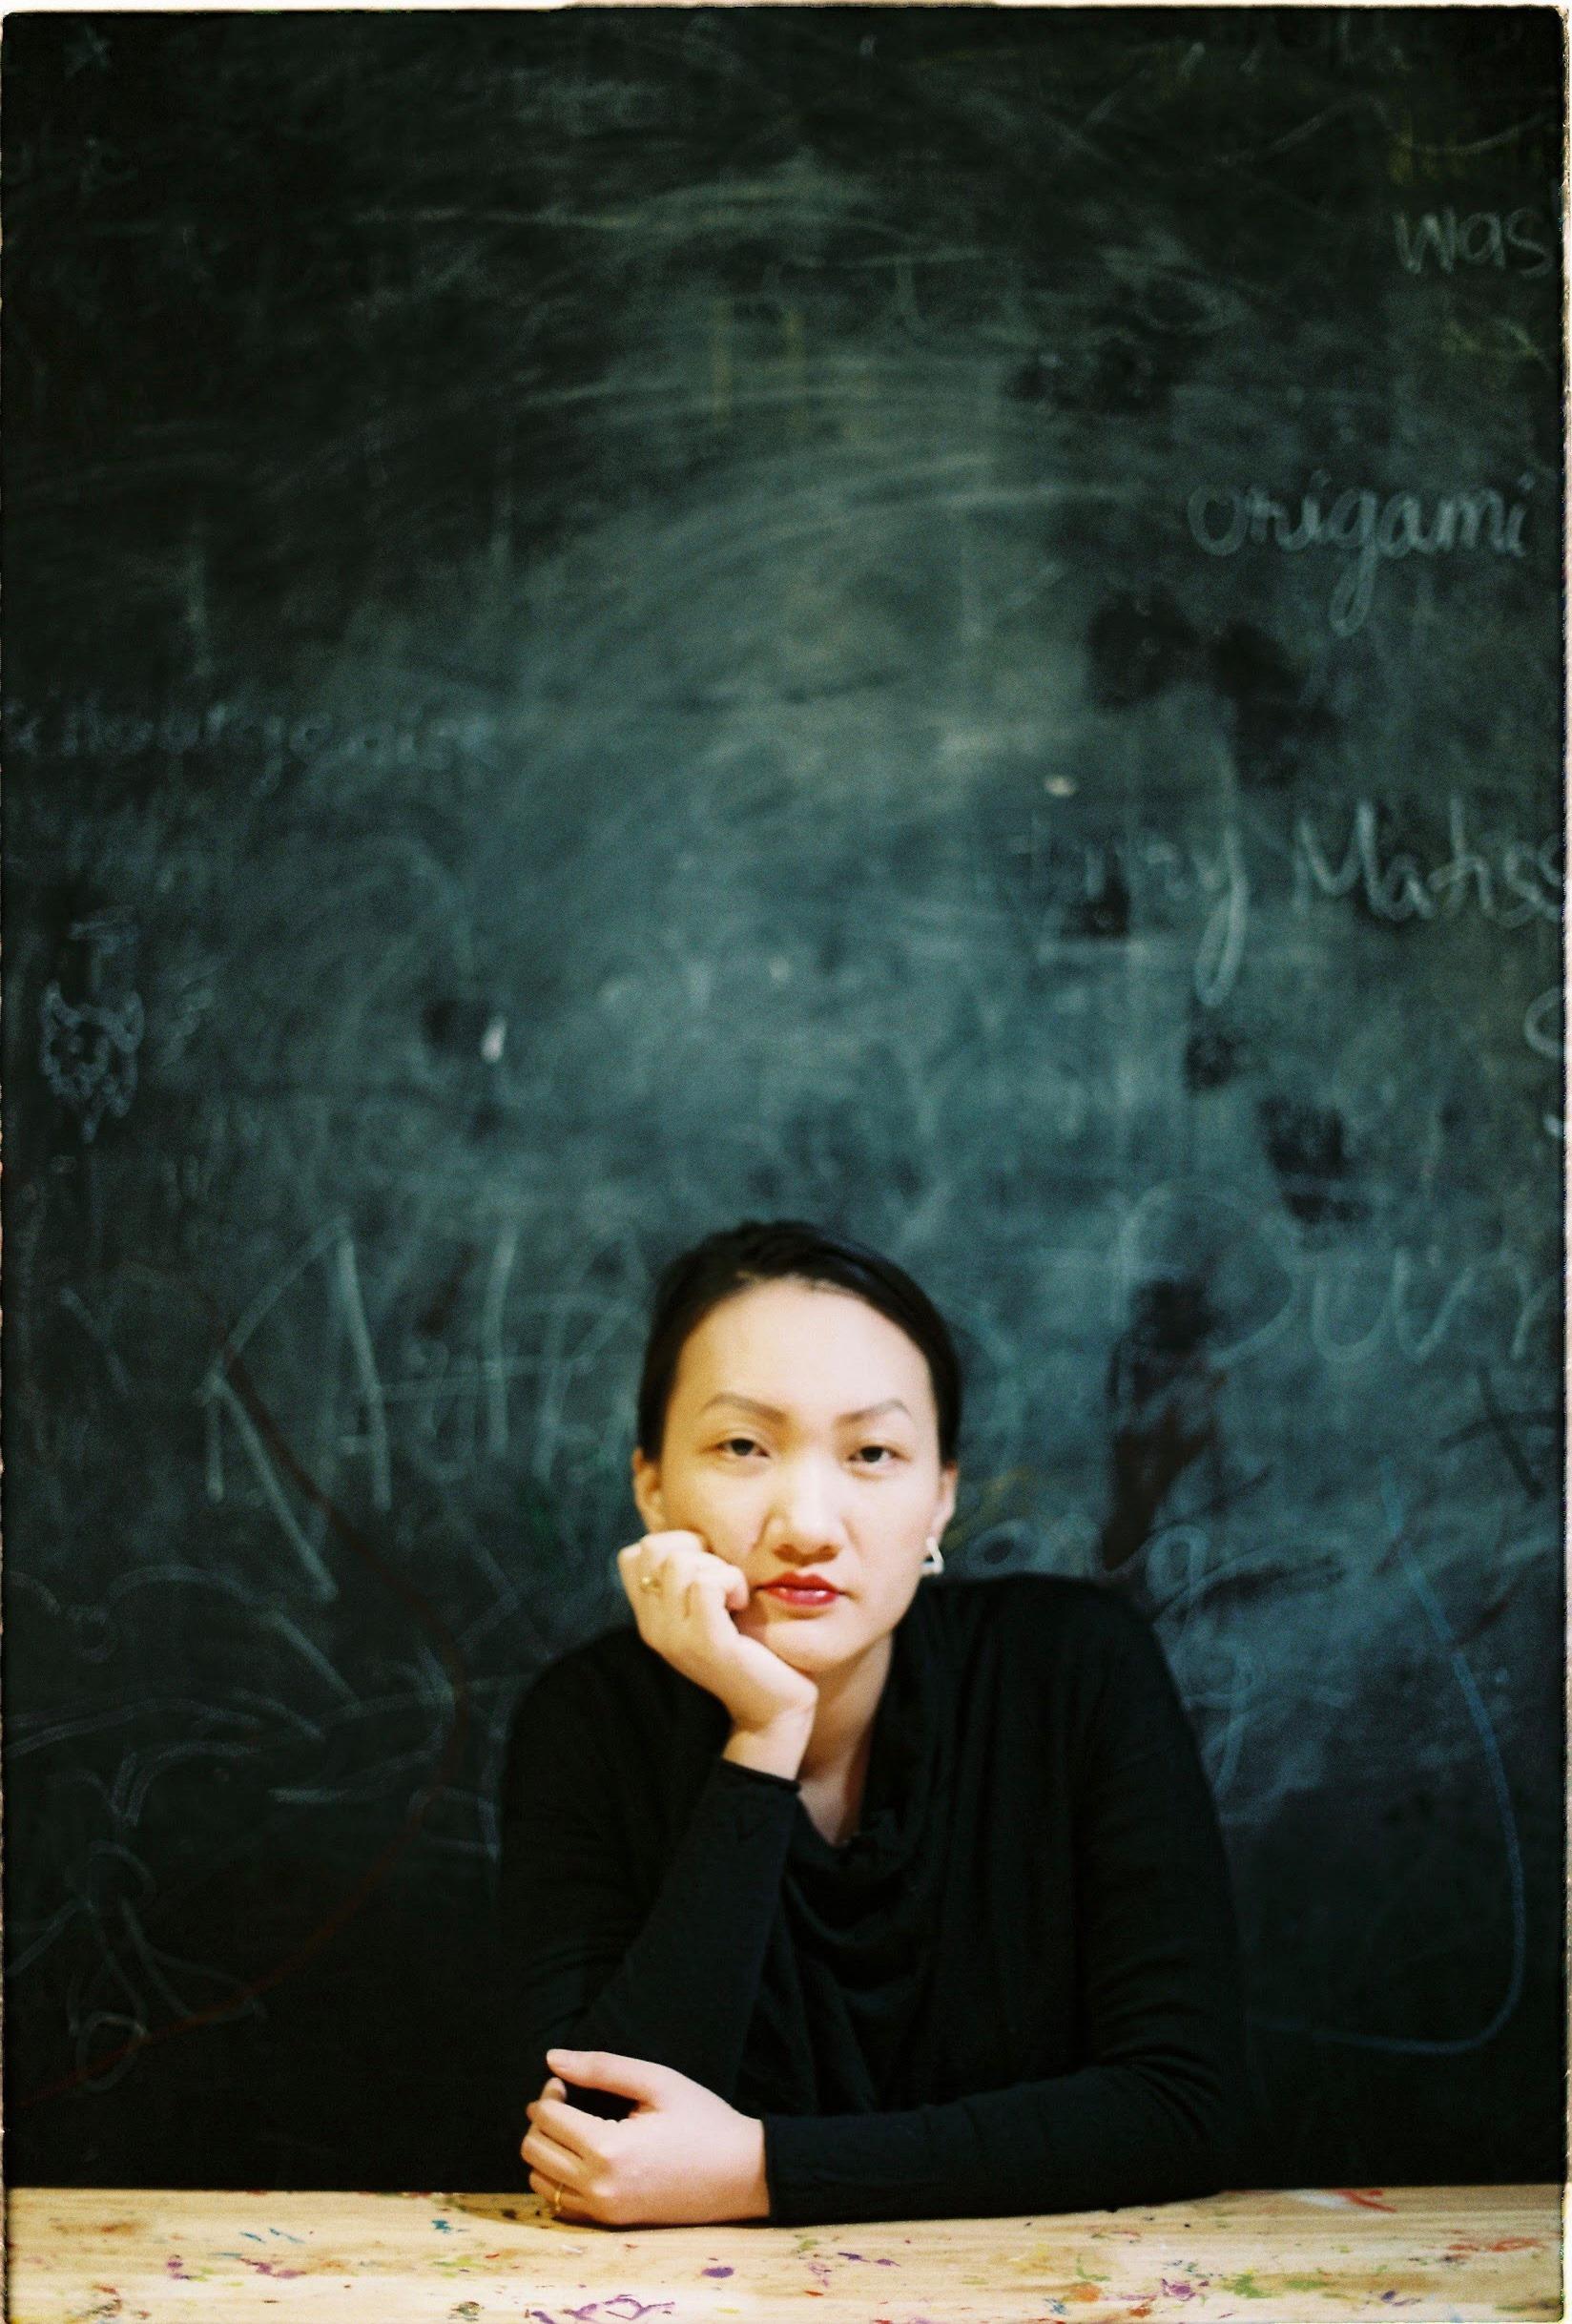 Nguyễn Thùy Trang, Co – Founder Tổ hợp giáo dục nghệ thuật Tí Toáy